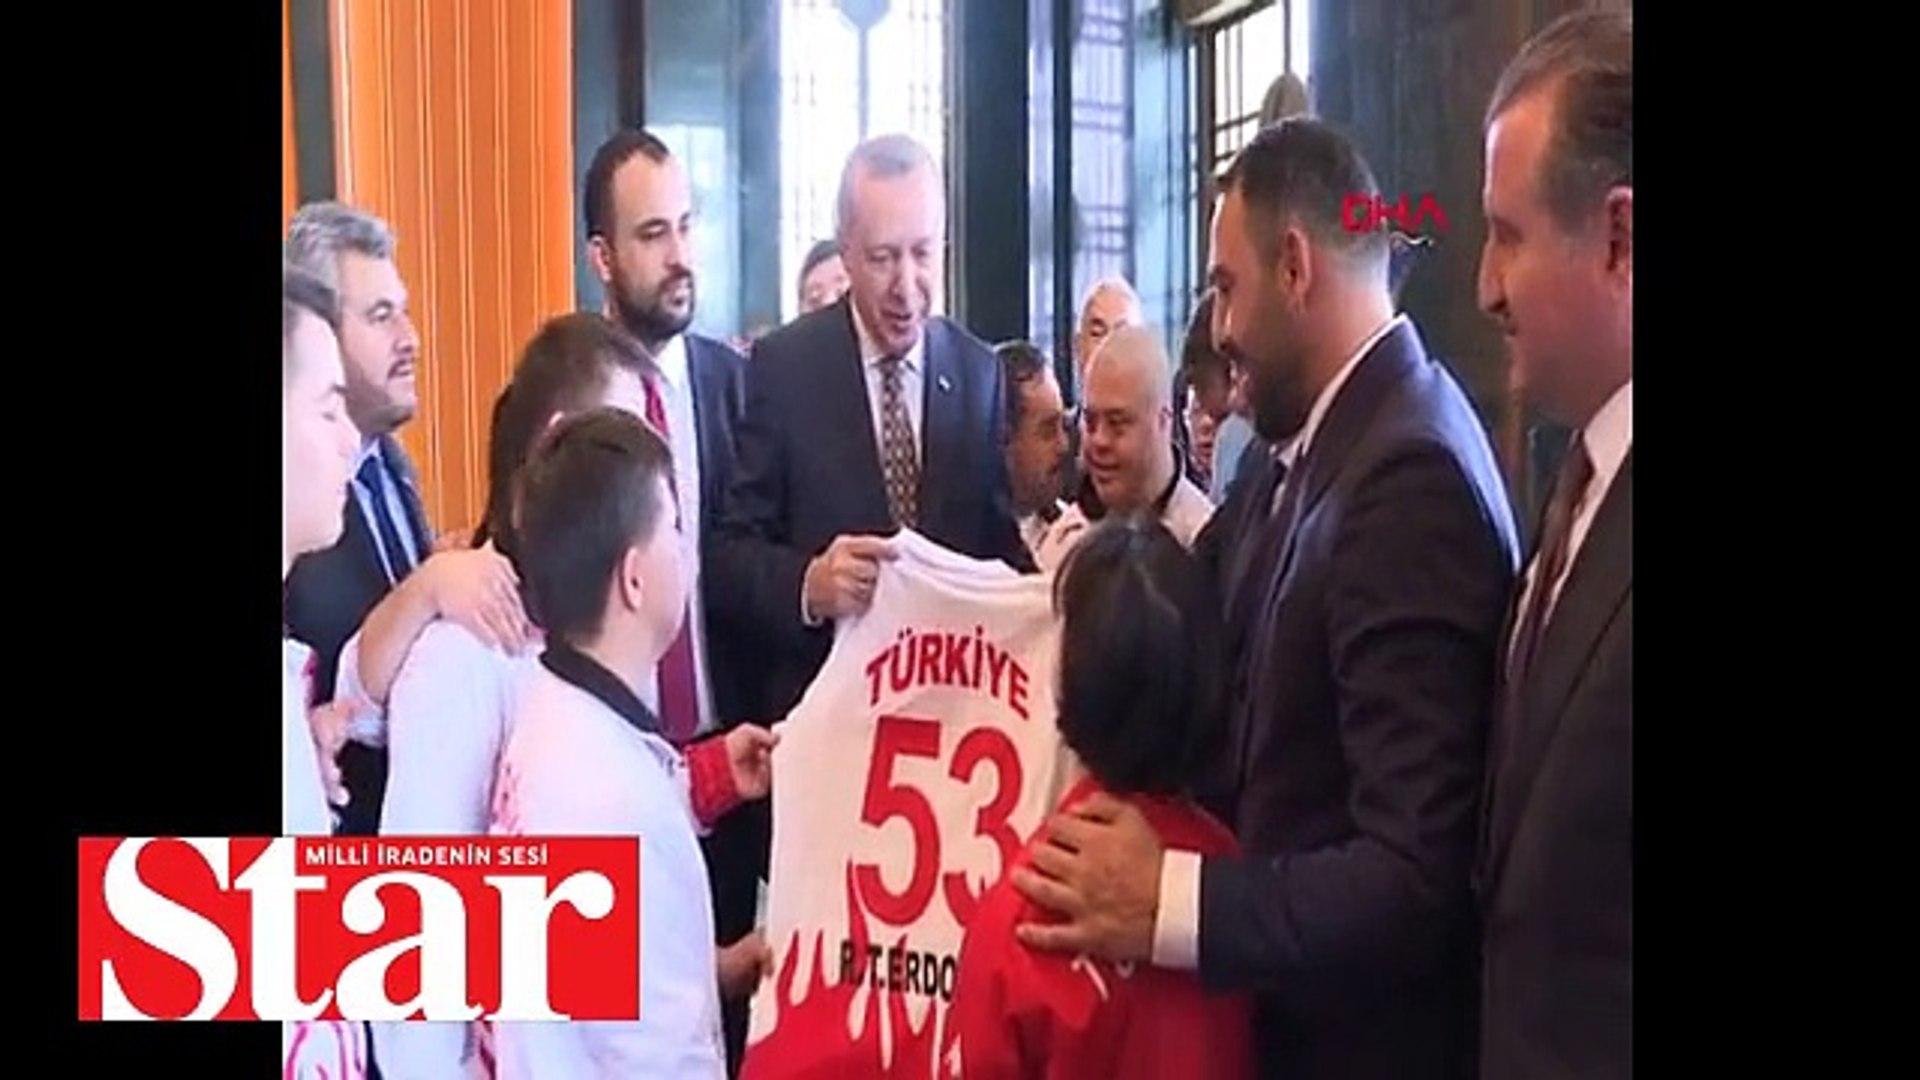 Cumhurbaşkanı Recep Tayyip Erdoğan, Down Sendromlu Özel Sporcular Futsal Milli Takımını kabul etti